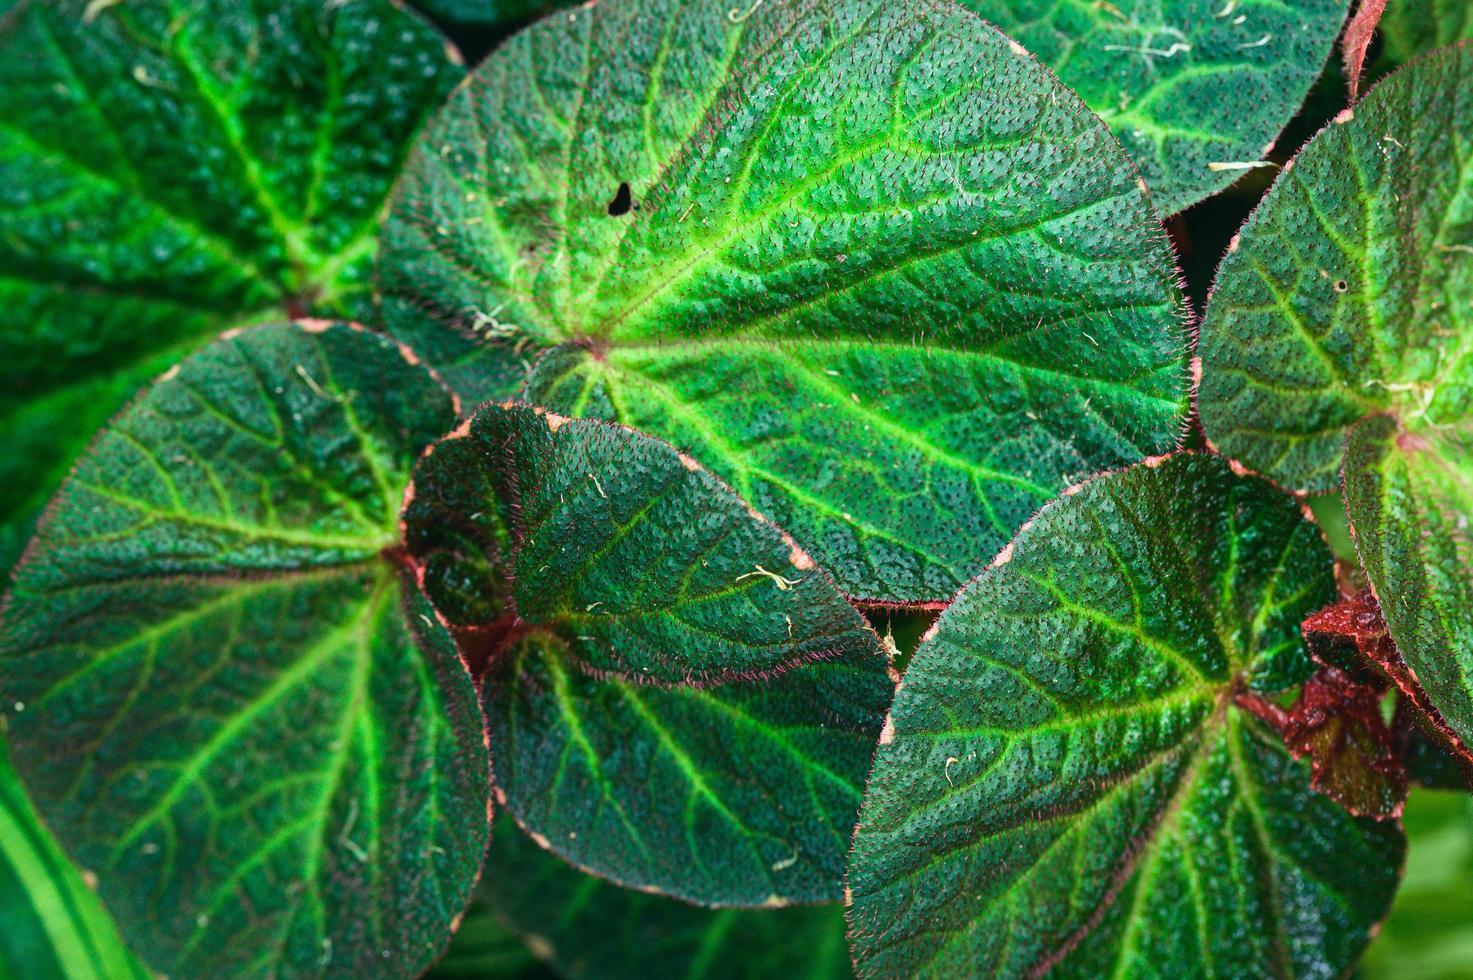 arrière plan vert feuilles nature amour paysage photo